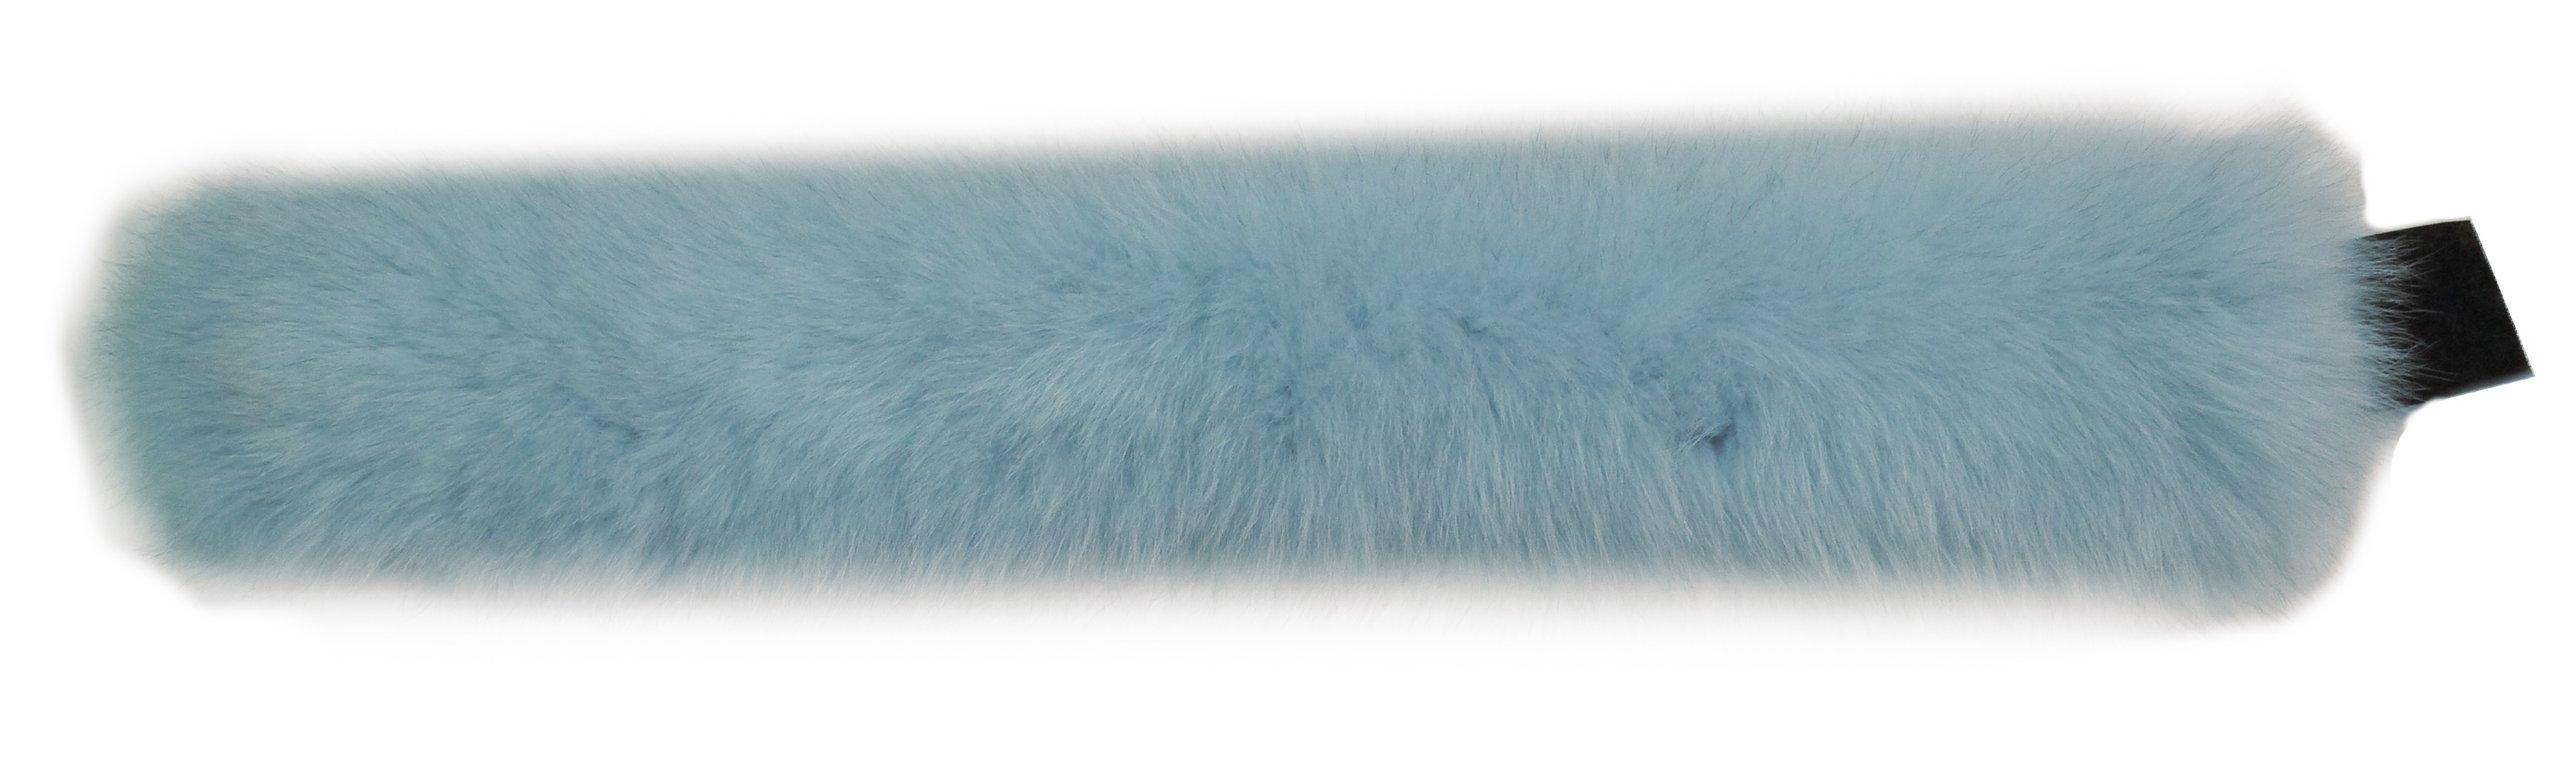 100% Fox Full Fur Multi-Function Neck Warmer/Headband - Light Blue by Hima